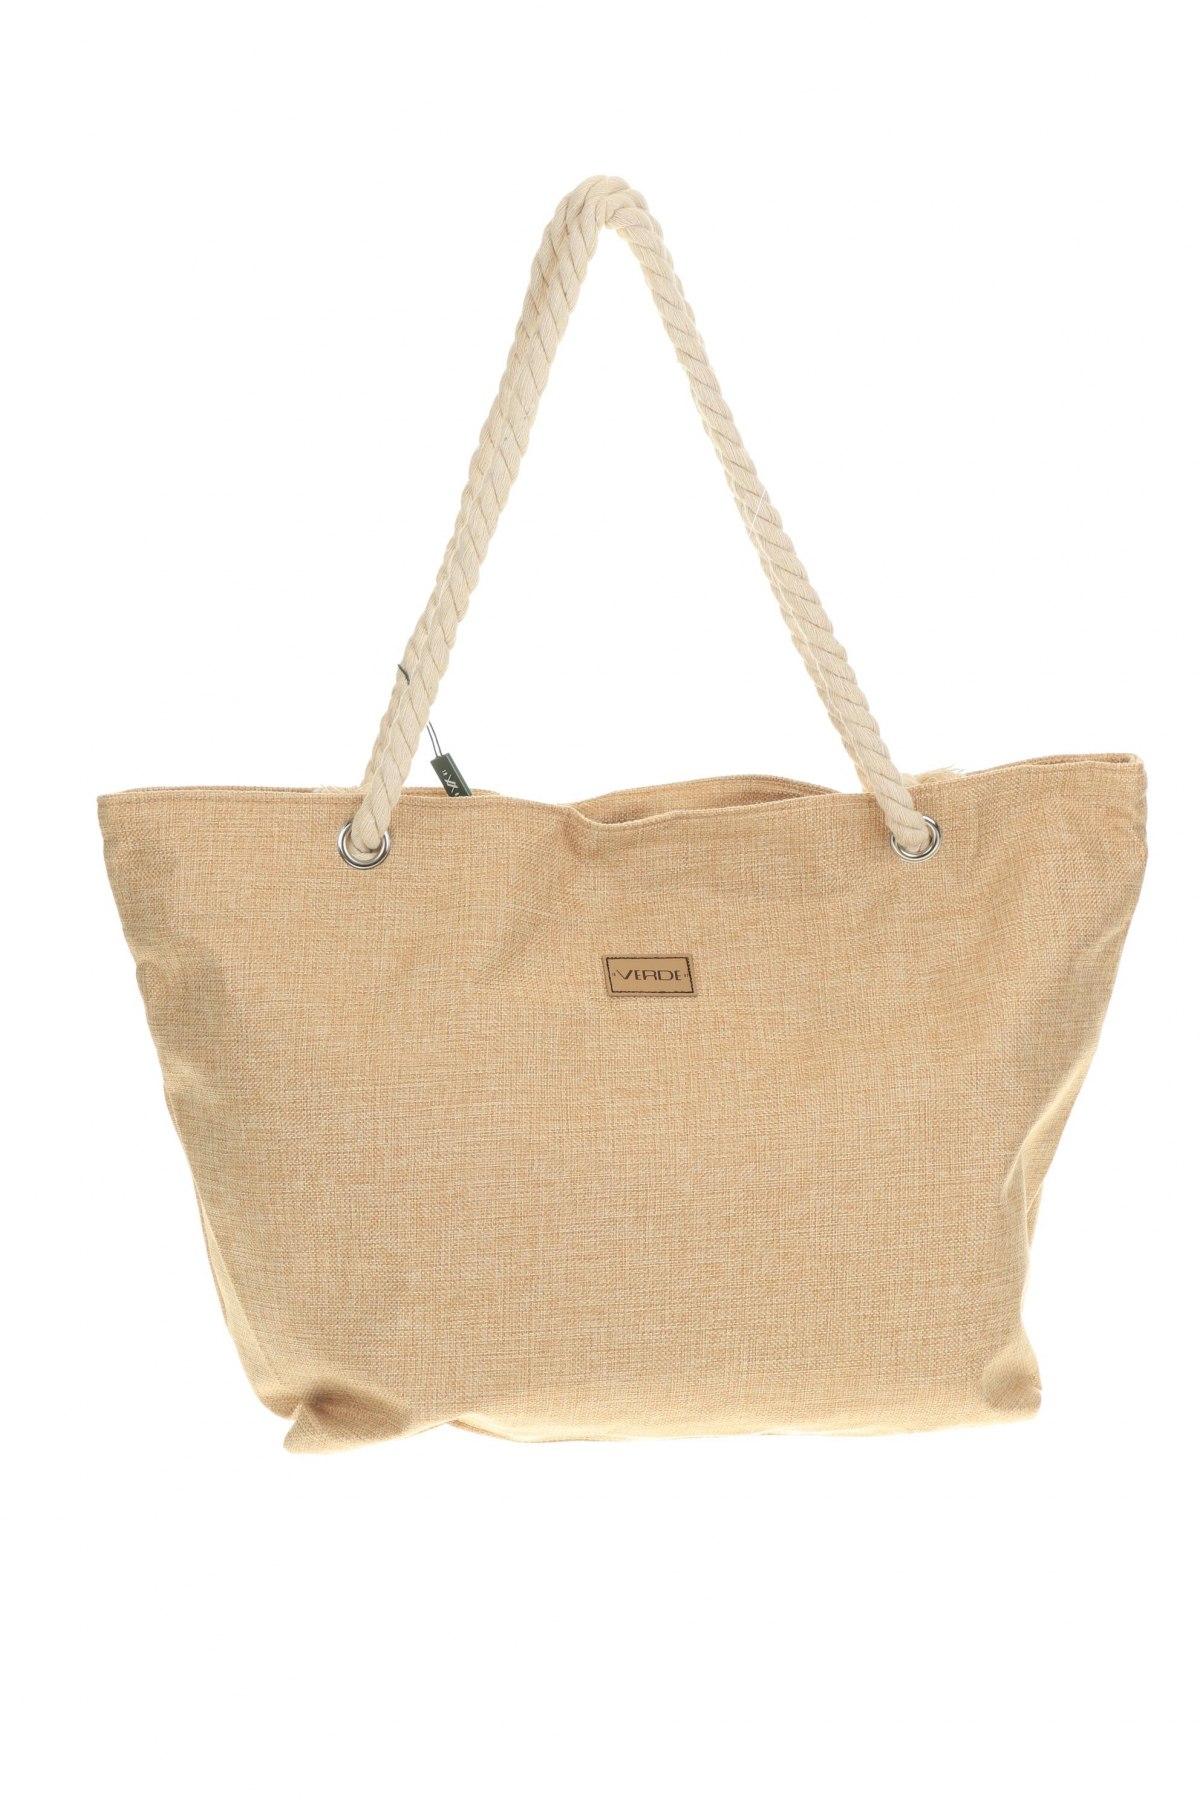 Дамска чанта Verde, Цвят Бежов, Текстил, Цена 33,12лв.